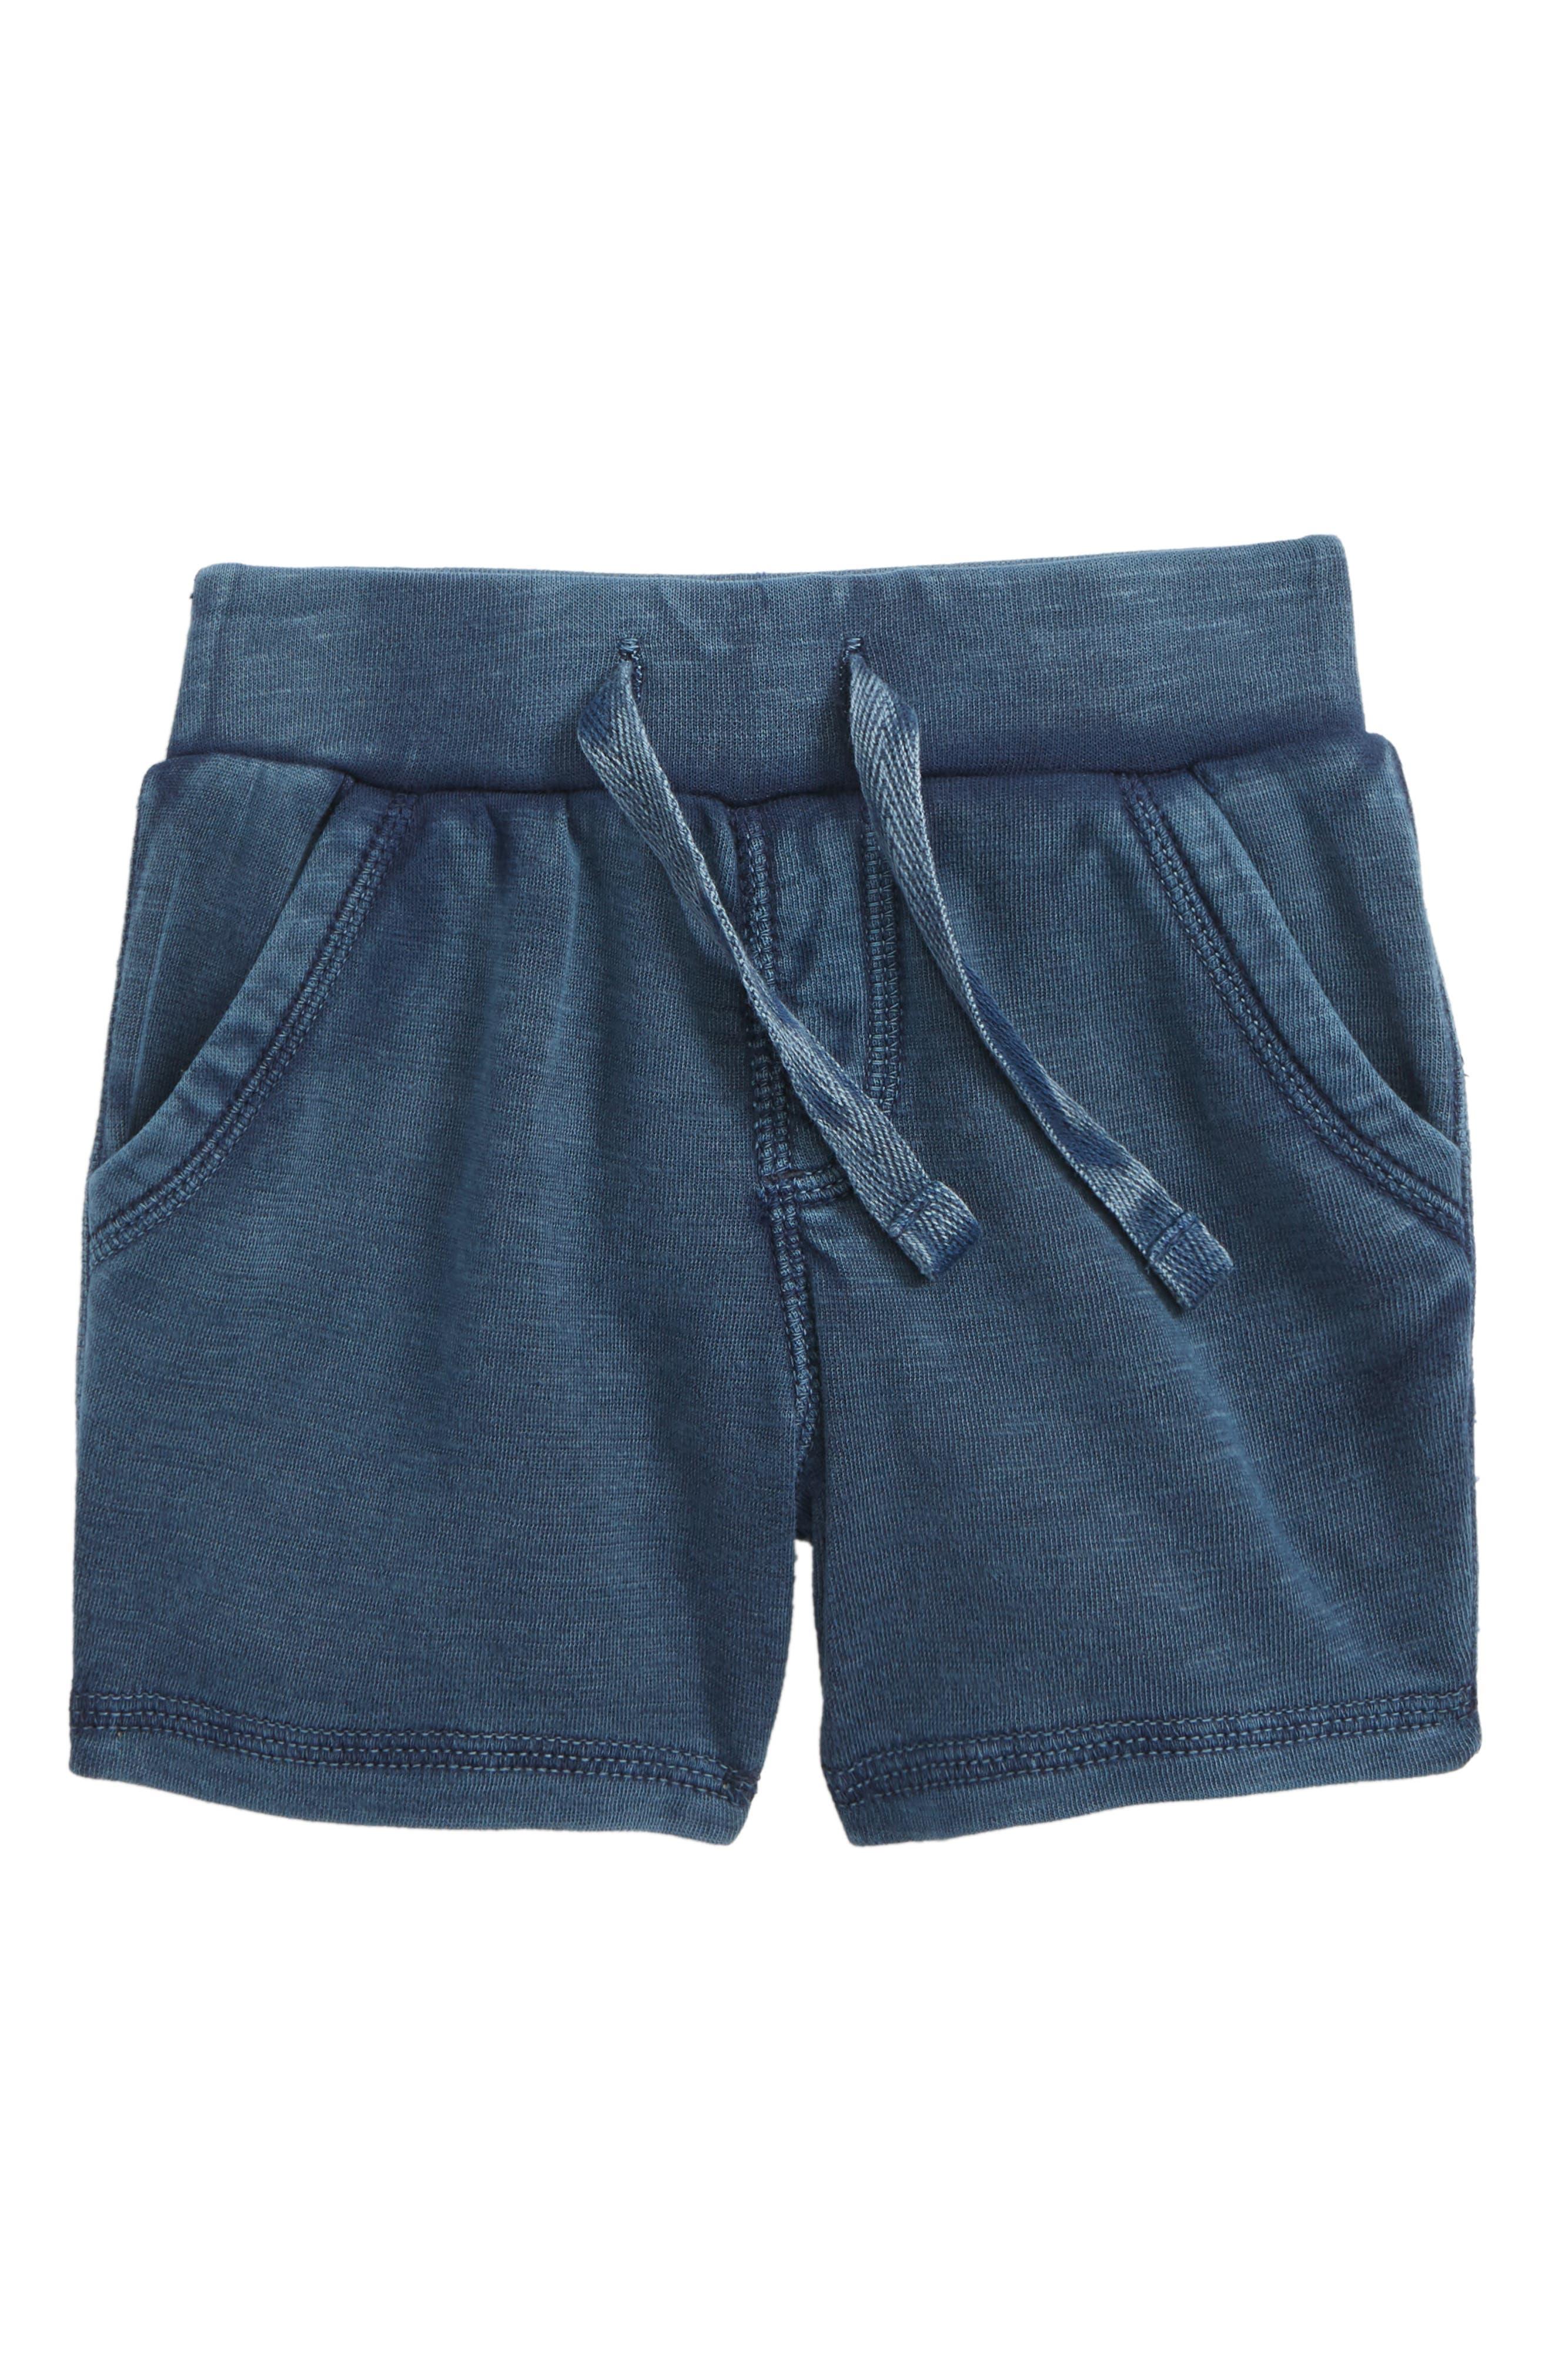 Main Image - Tucker + Tate Knit Shorts (Baby Boys)